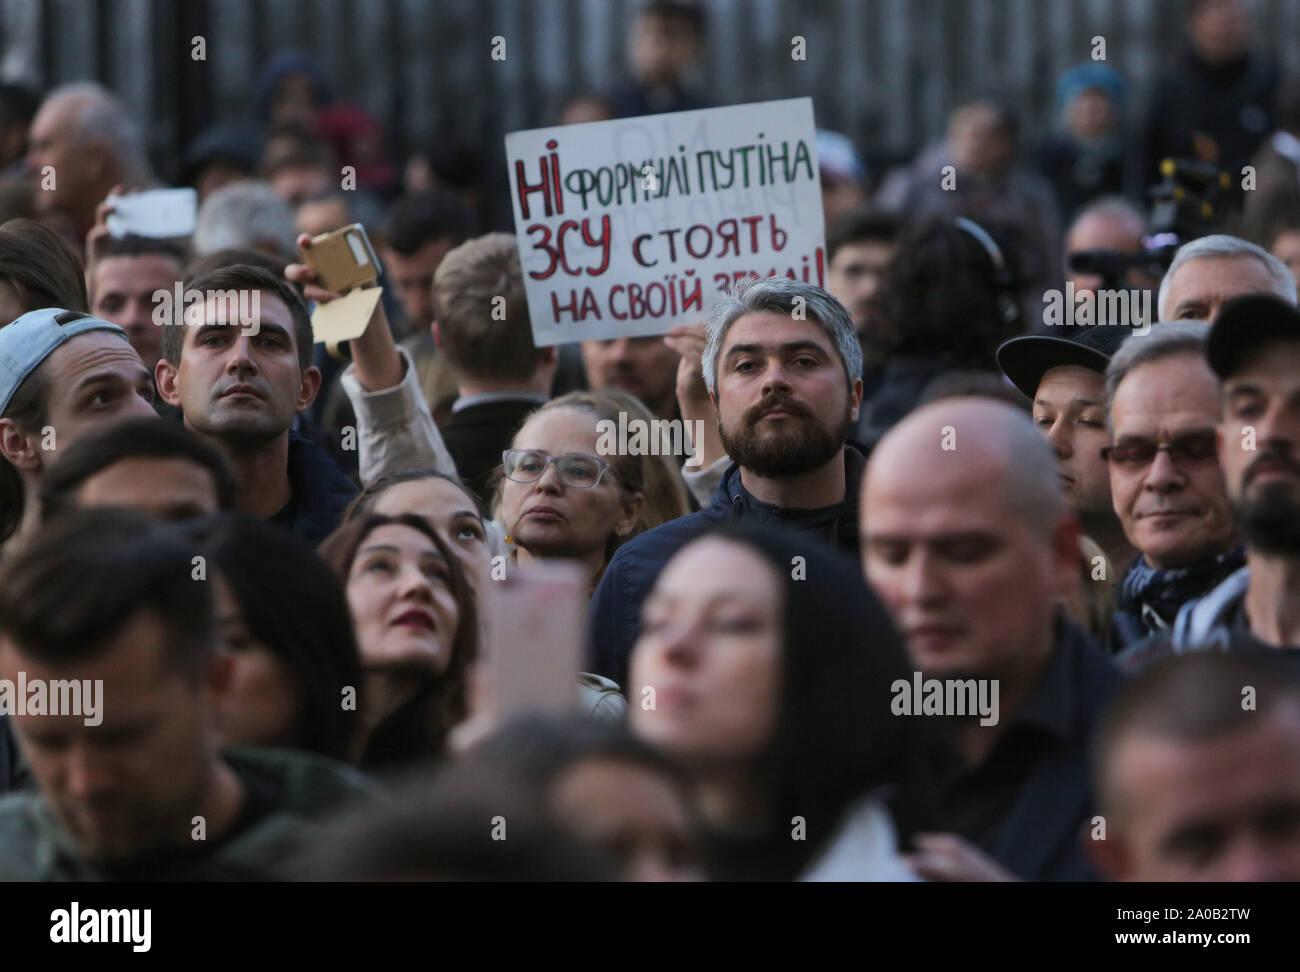 Kiev, Ukraine. 19 Sep, 2019. Les gens se tiennent près d'une pancarte qui dit ''pas de formule de Poutine. L'armée ukrainienne est sur ses propres terres'' comme ils se réunissent à l'avant du bureau présidentiel pour protester à Kiev, Ukraine, le 19 septembre 2019. Des centaines d'Ukrainiens sous le slogan ''Le complot de Norman est une trahison!'' se réunissent à l'avant du bureau présidentiel pour protester contre la mise en œuvre des accords conclus dans le cadre de la formule de M. Steinmeier lors de la réunion. format Normandie Credit: Sergii Kharchenko/ZUMA/Alamy Fil Live News Banque D'Images